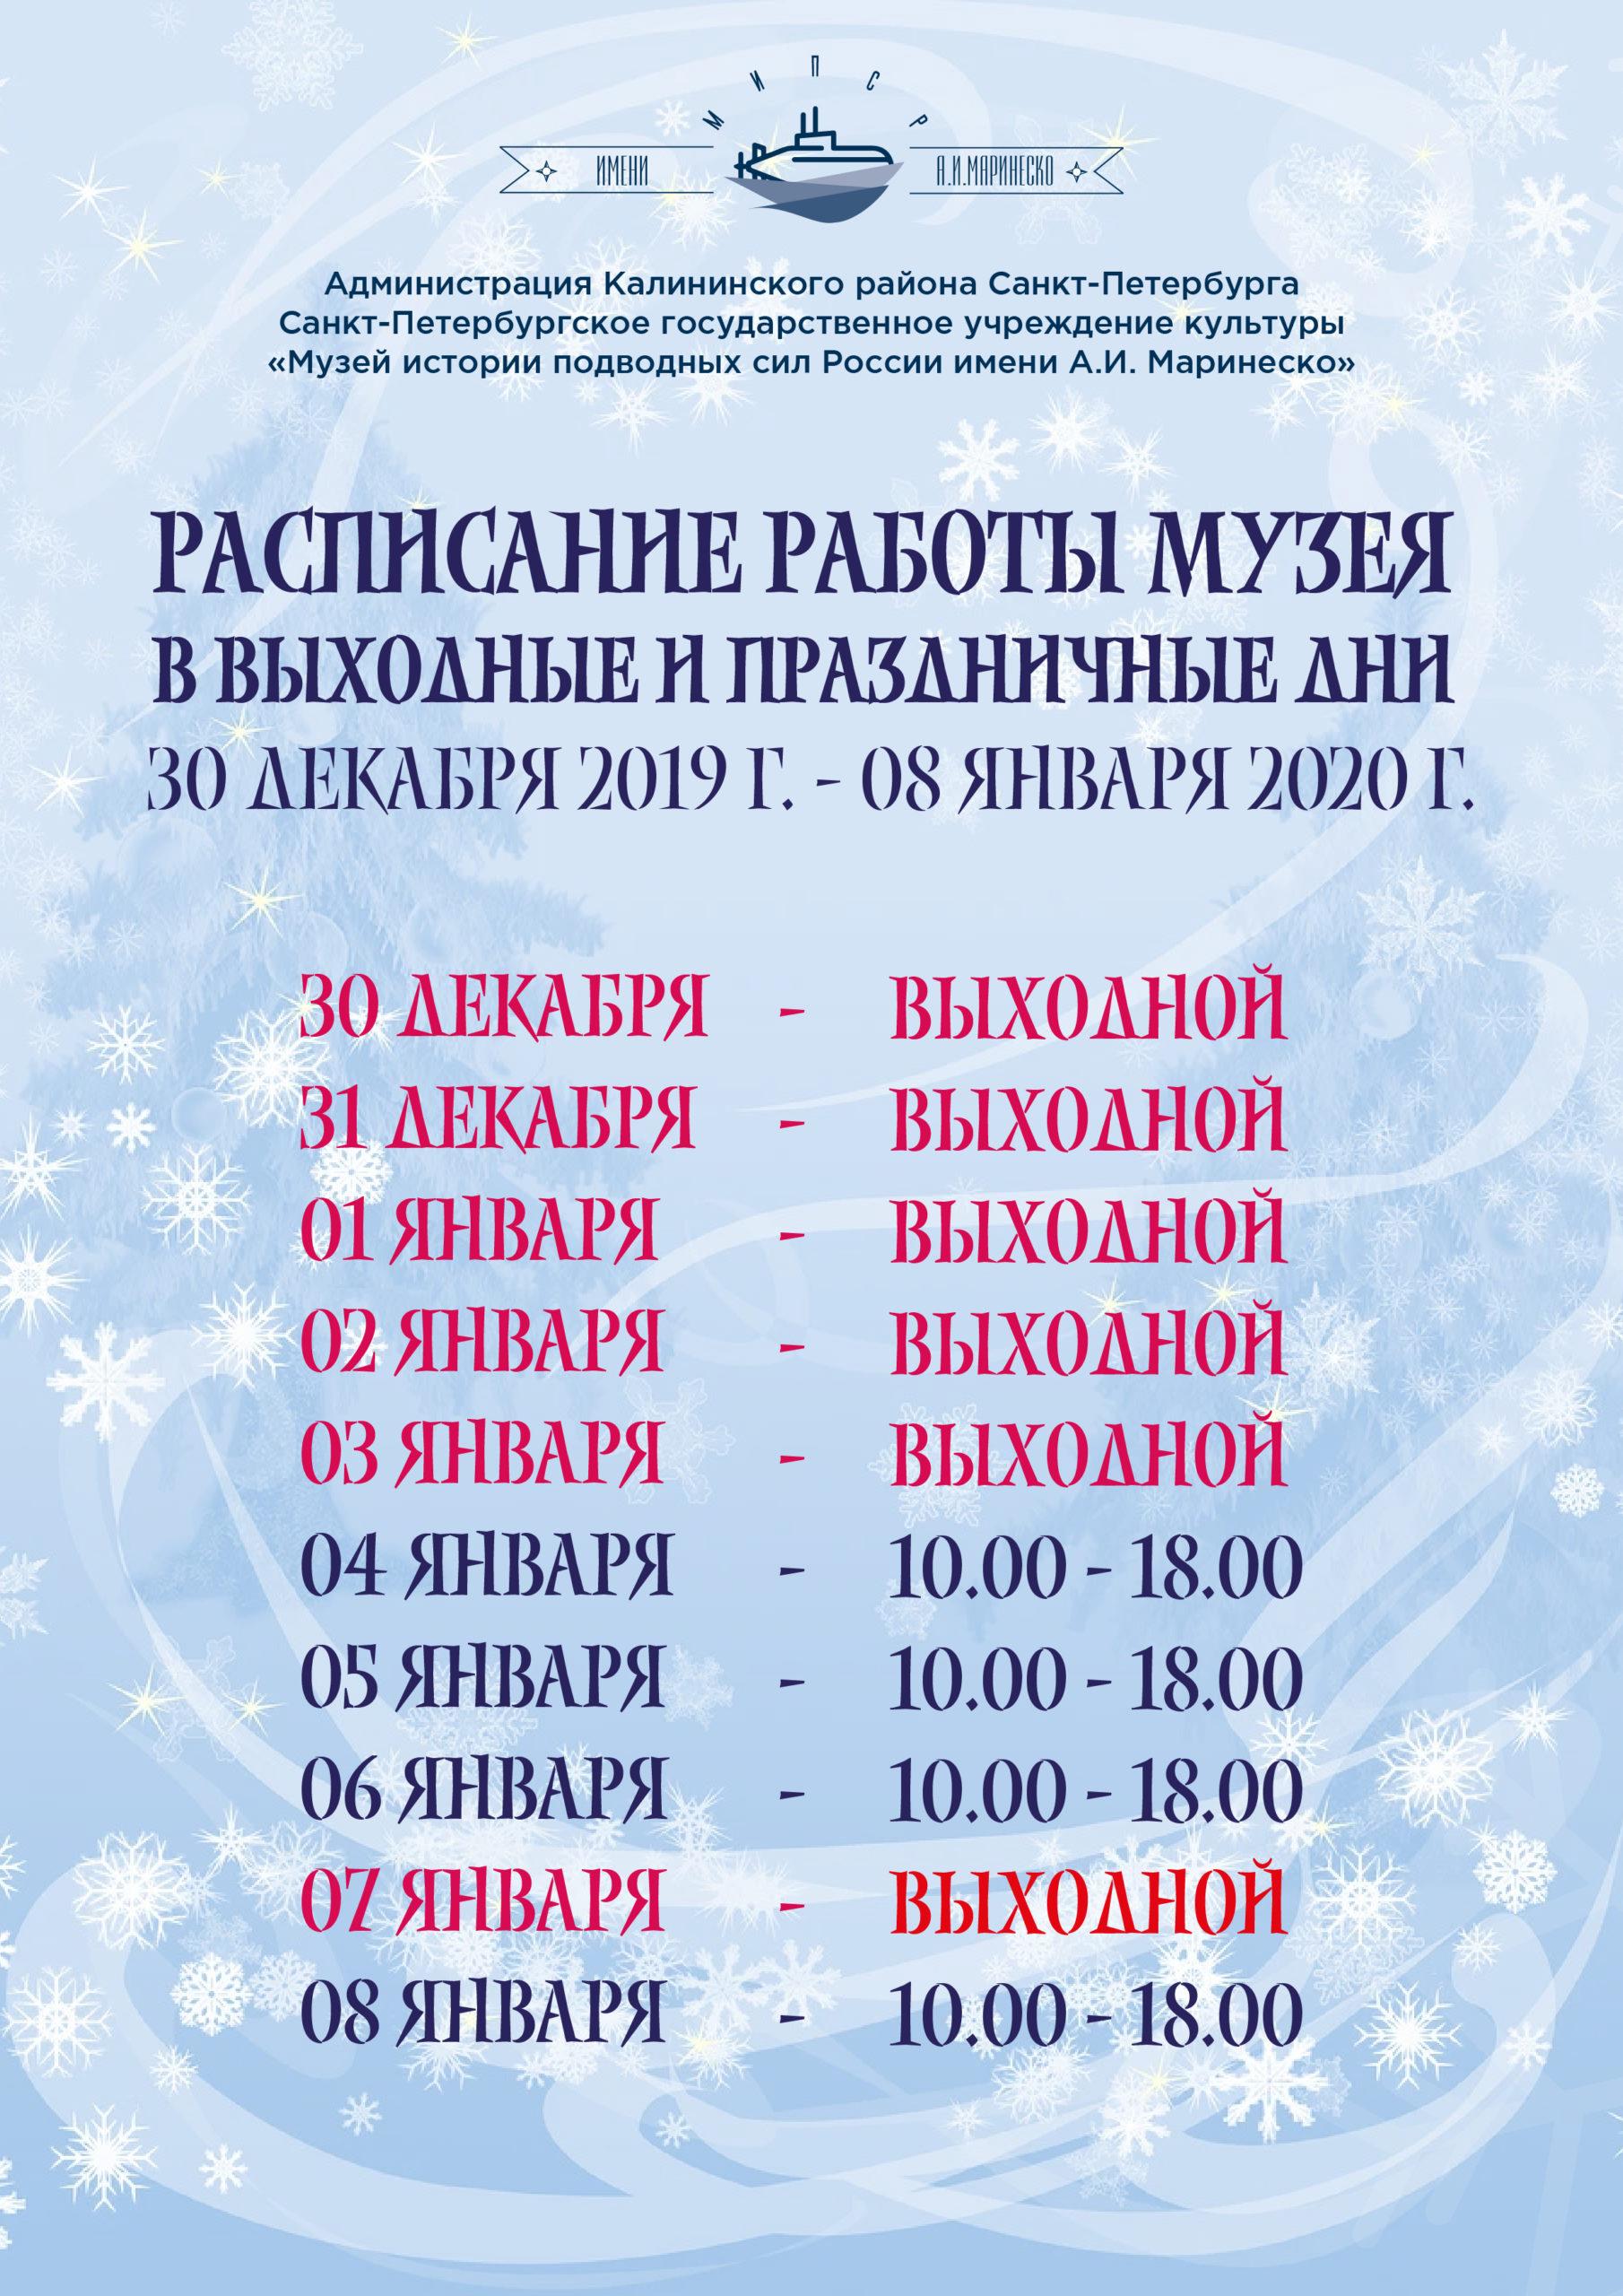 Расписание работы на выходные и праздничные дни